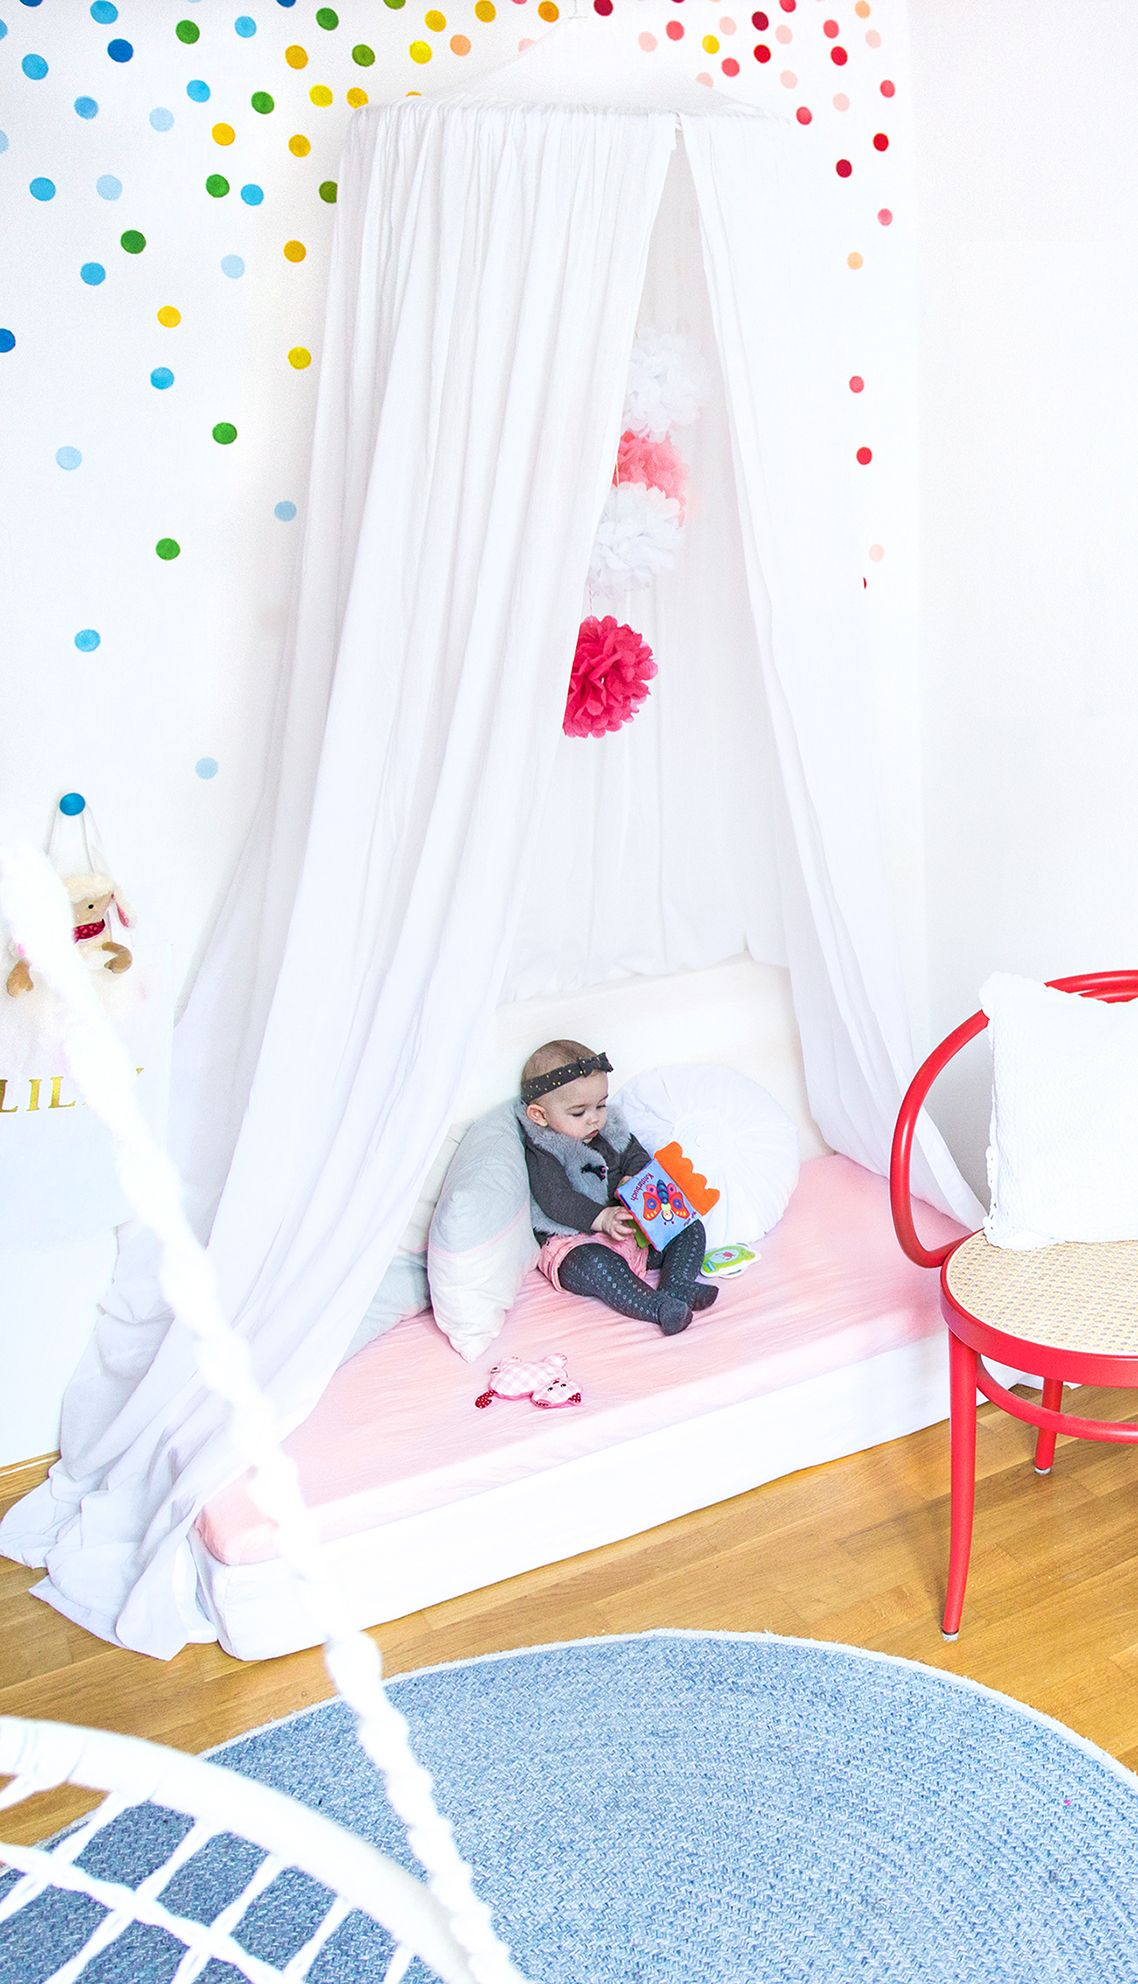 Kinderzimmer ideen meine drei liebsten diy tipps f r eine g nstige einrichtung kid 39 s room - Wandgestaltung im kinderzimmer ...